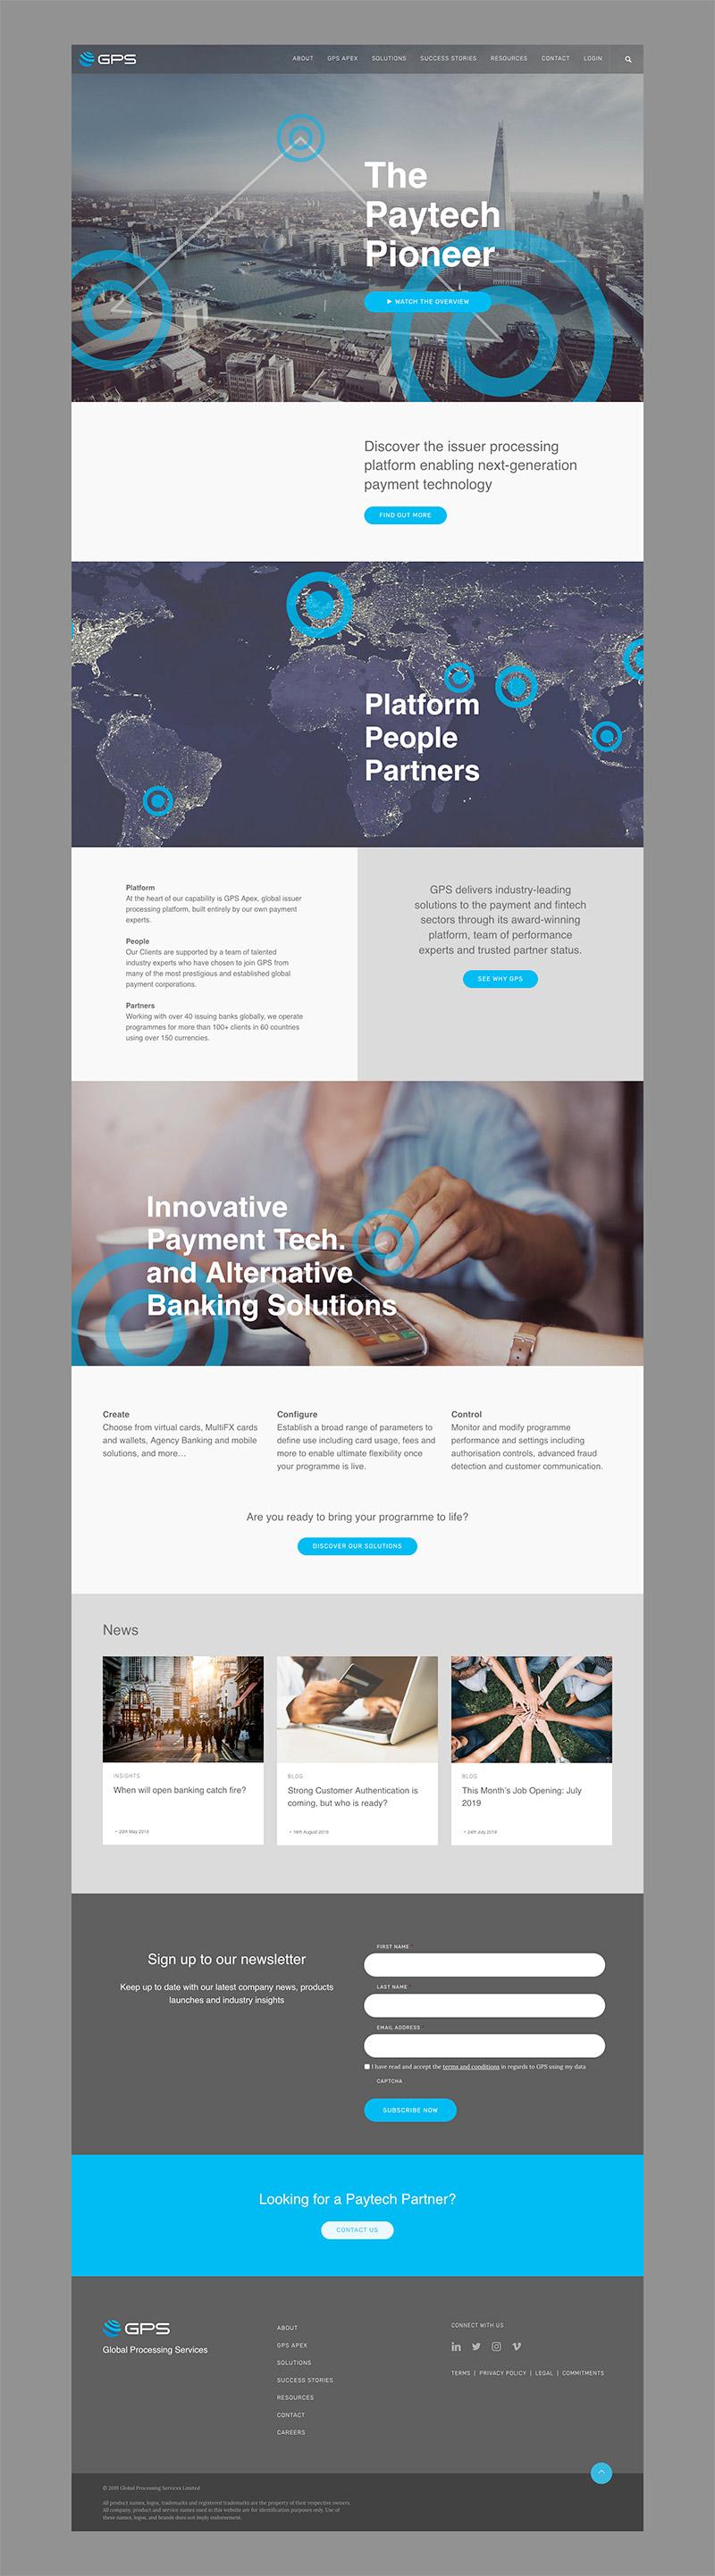 gps corporate website design